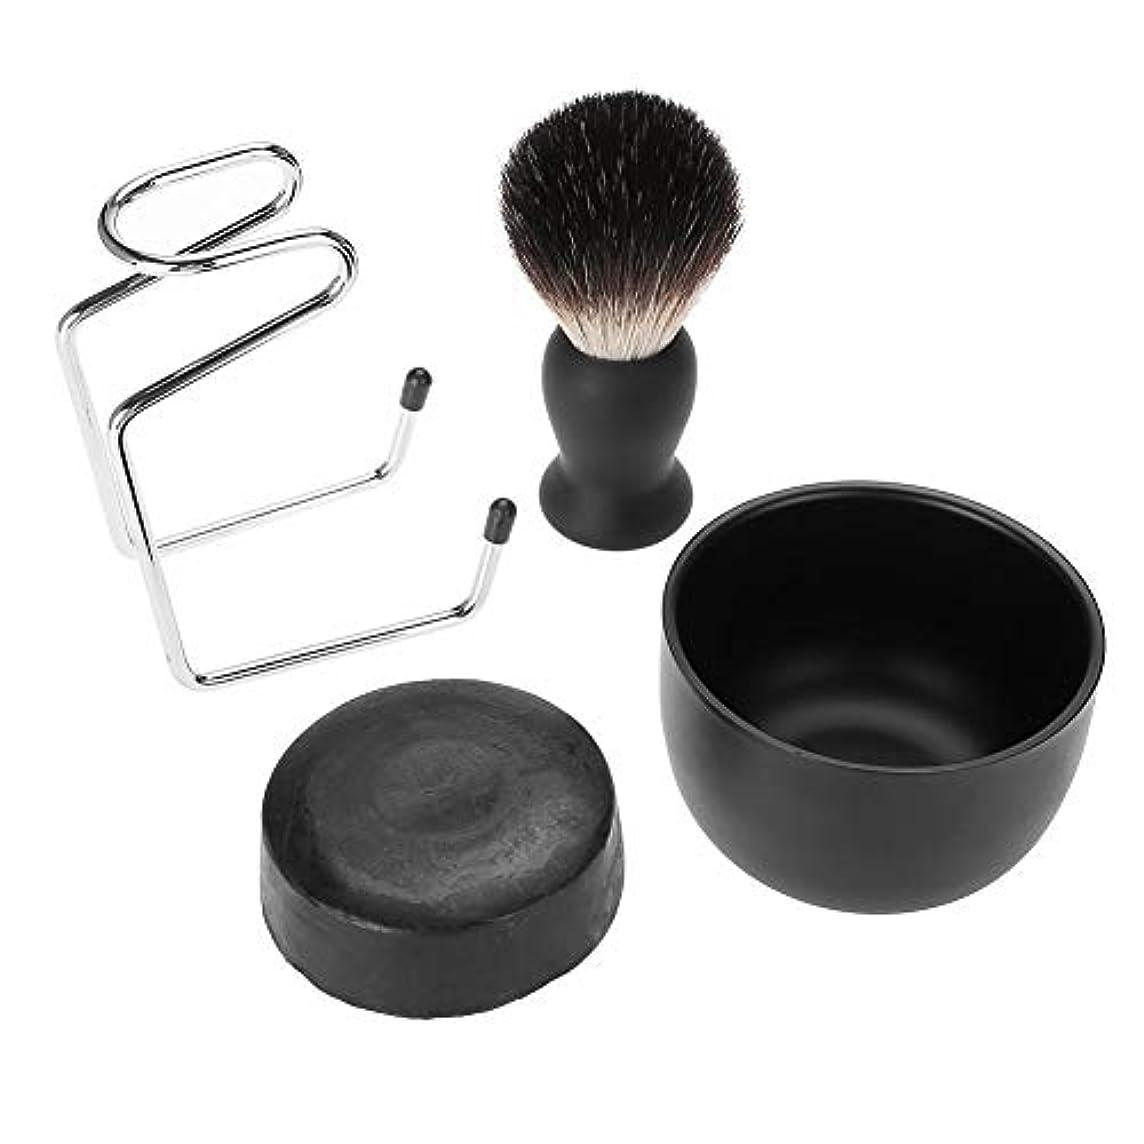 再生チケットグリップひげ剃りセット、ひげ剃りツールキット付きシェービングブラシ+ブラシスタンド+シェービングソープ+男性用ギフトサロンホームトラベル使用